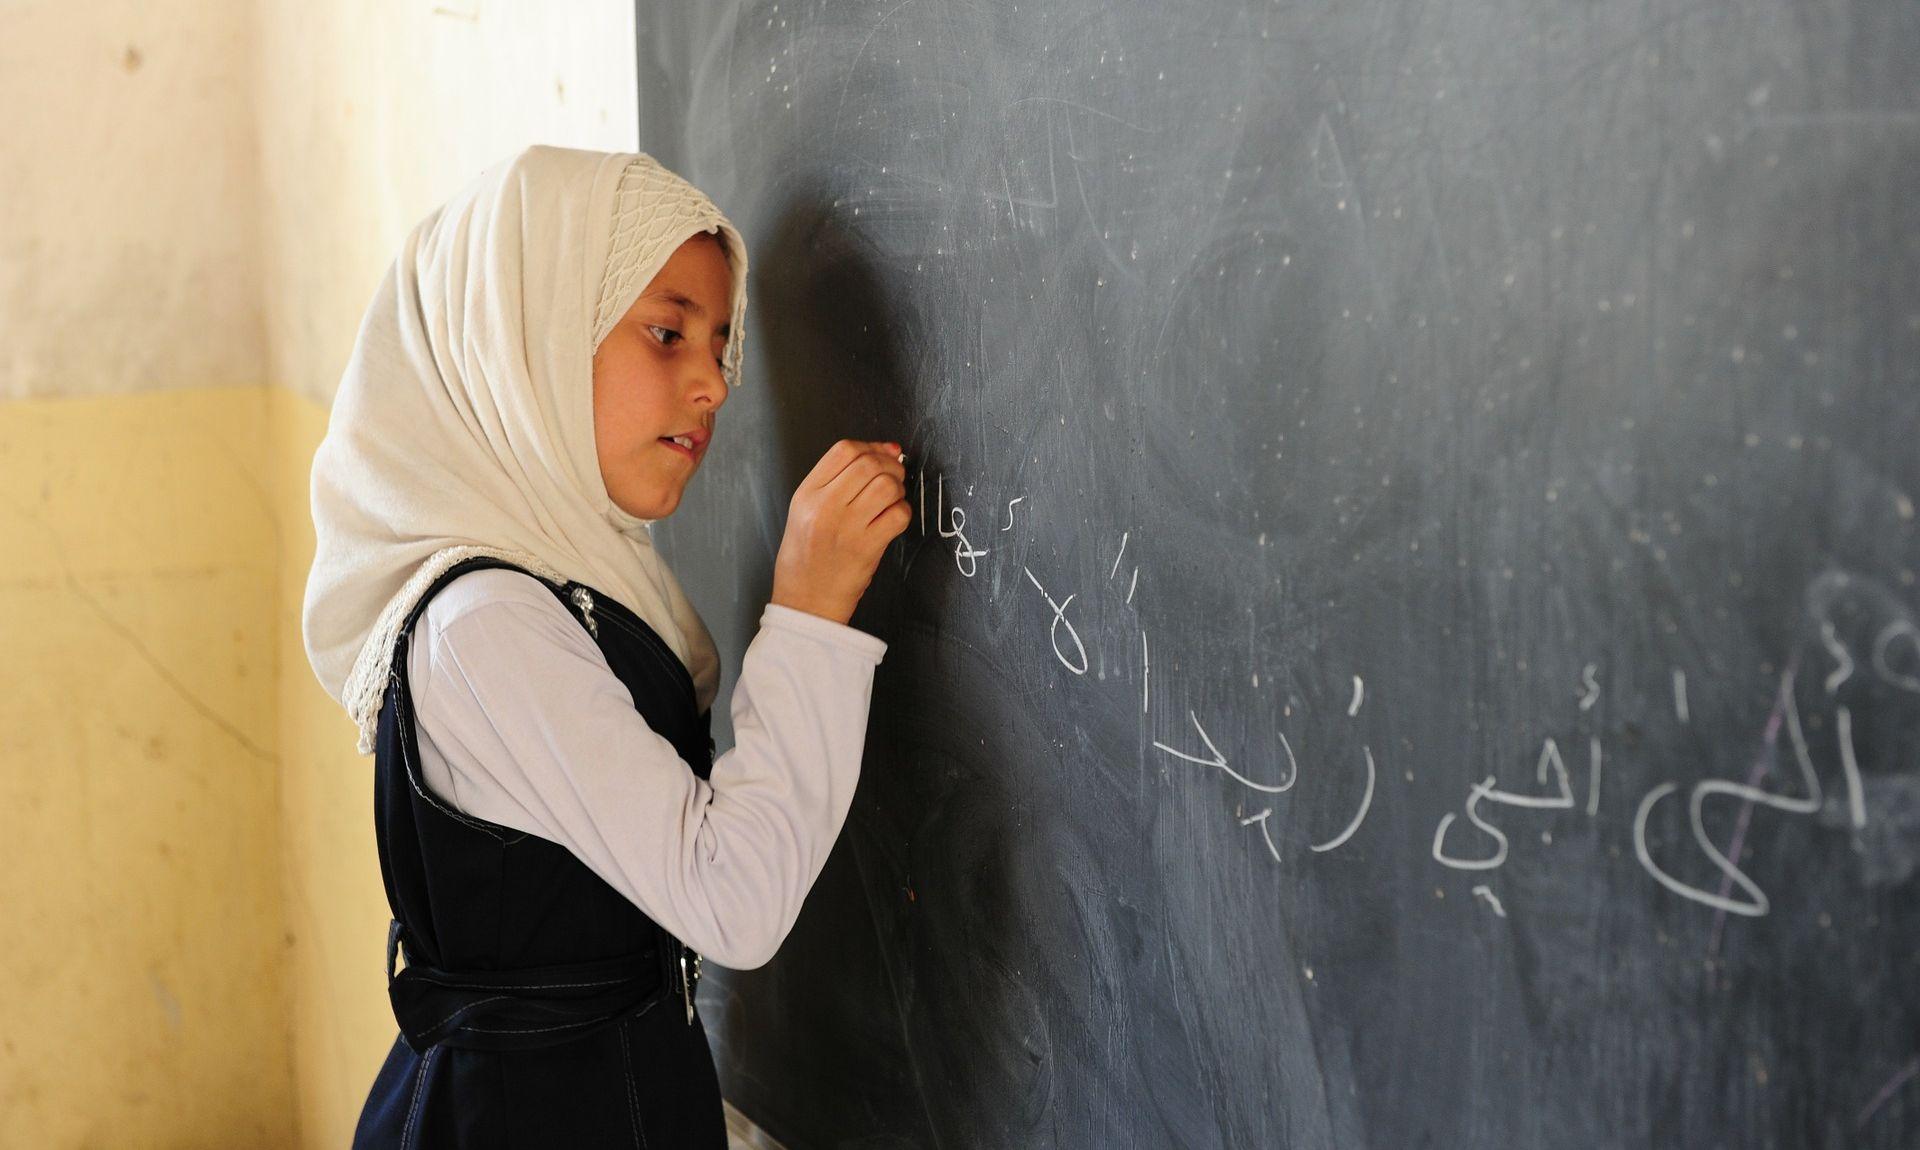 UNICEF Zbog sukoba bez škole 13 milijuna djece na Bliskom istoku